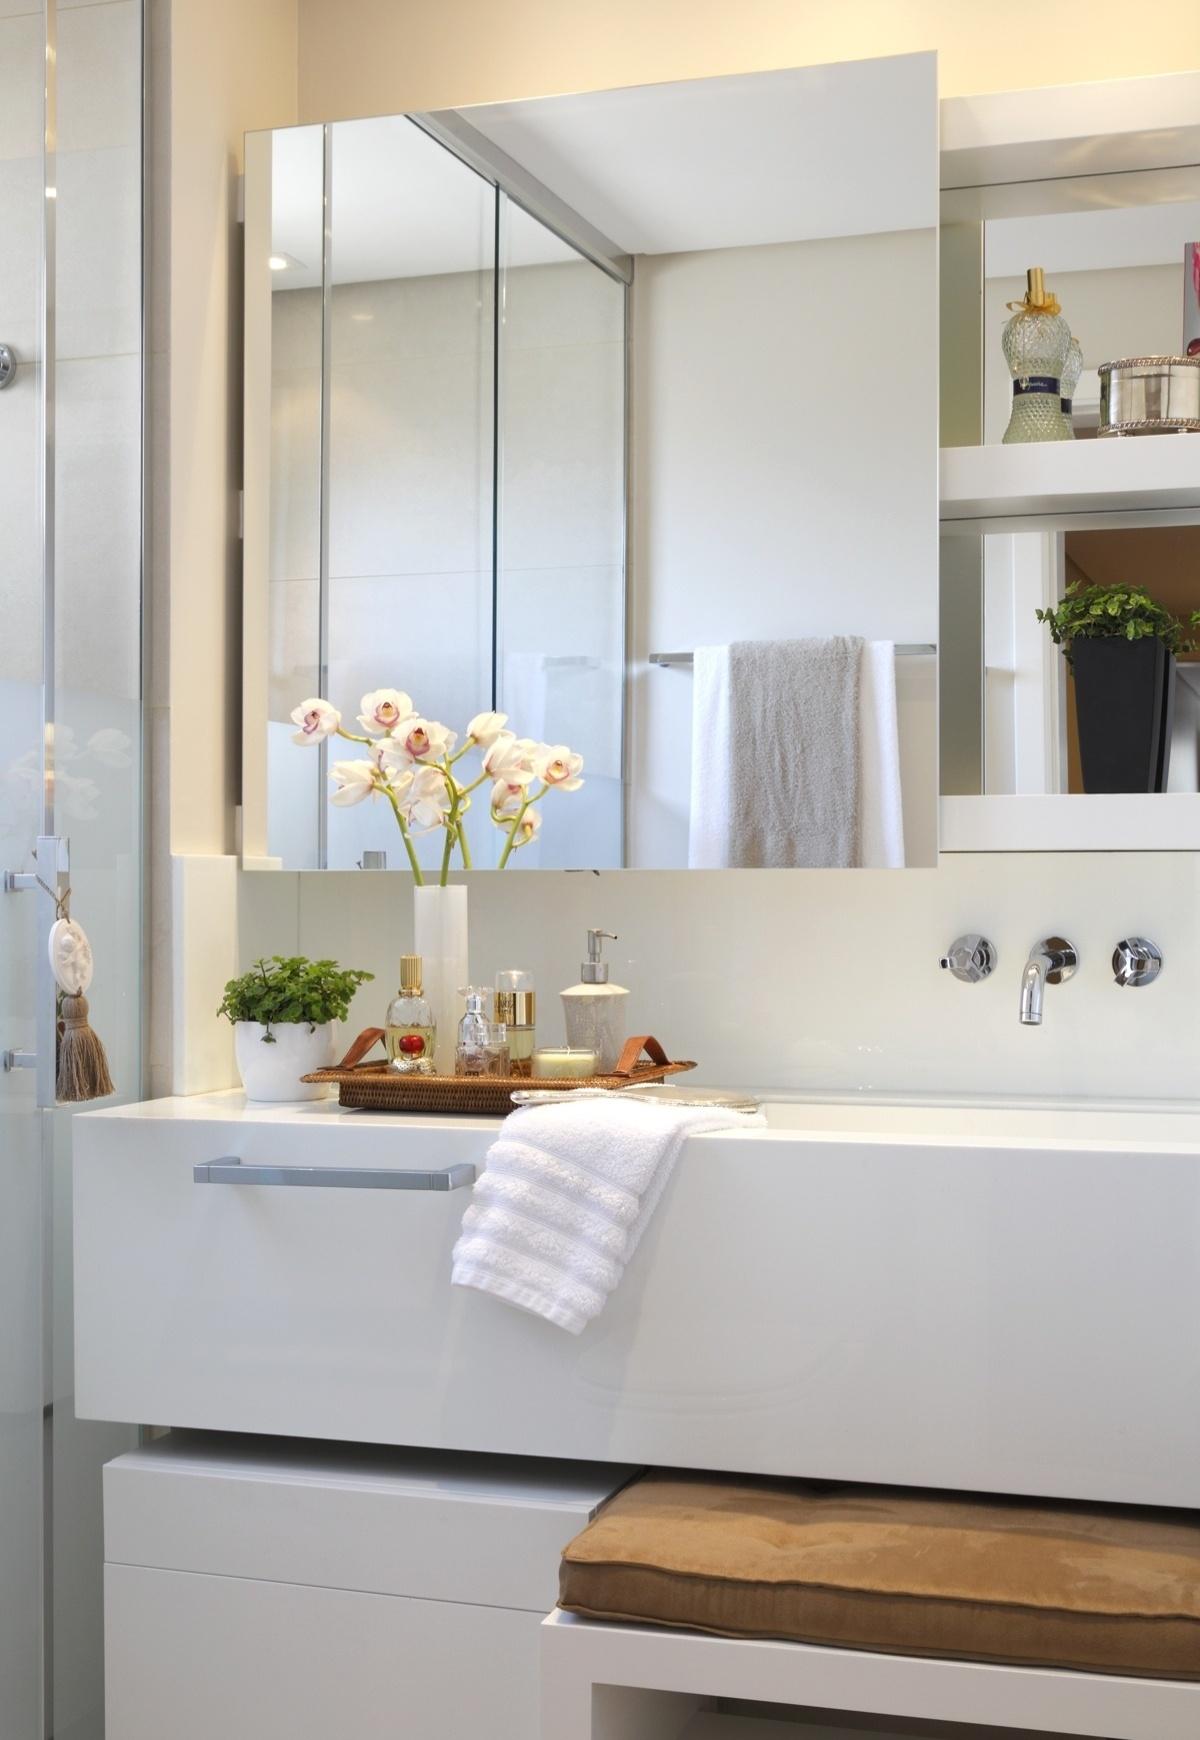 Banheiros pequenos: dicas de decoração para quem tem pouco espaço  #90663B 1200 1740